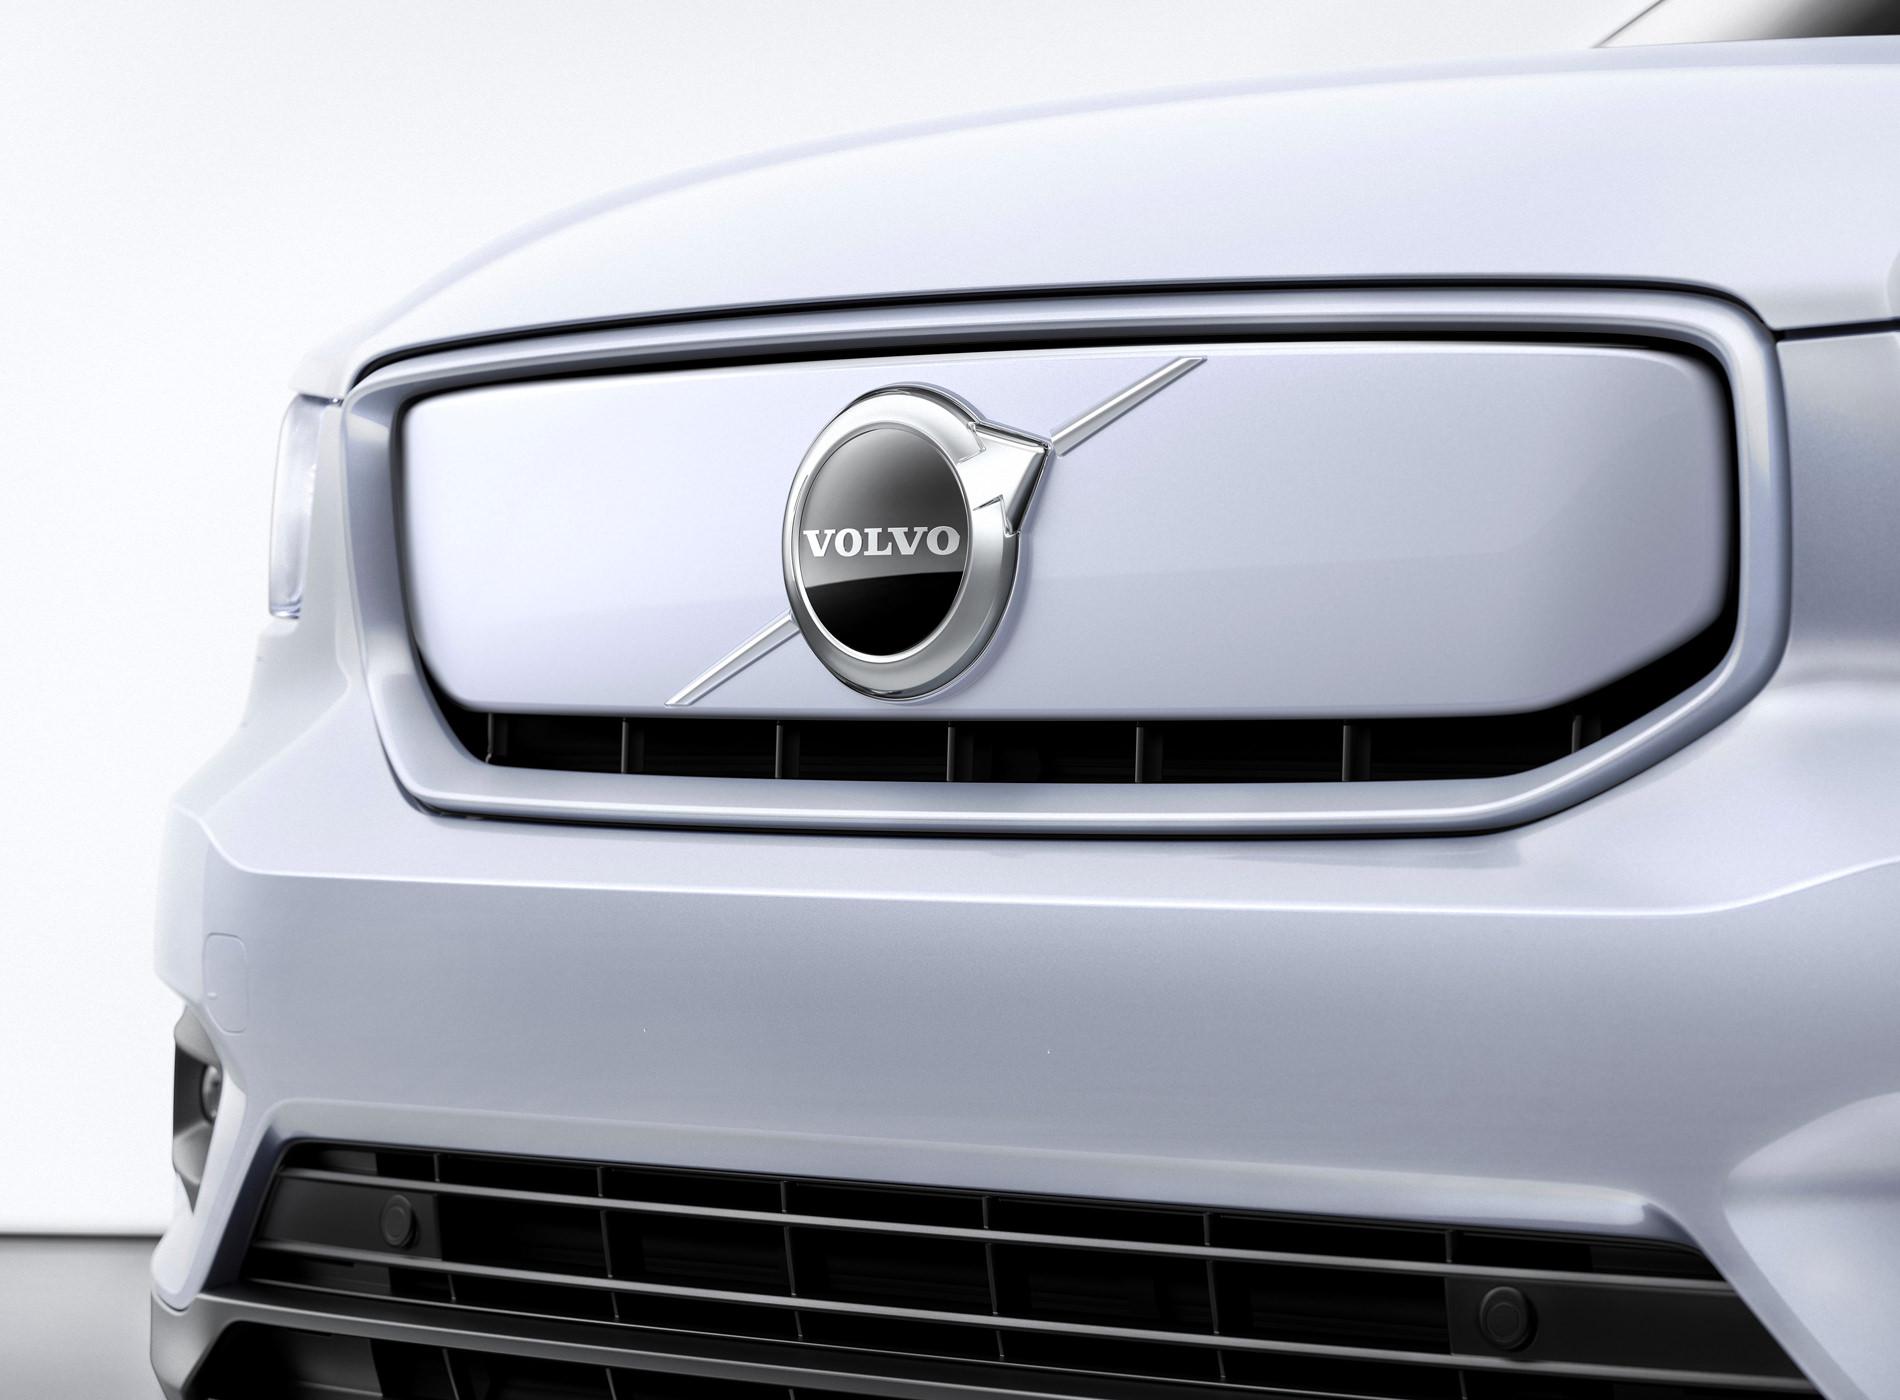 Volvo CX40 Recharge Voiture Electrique Détails Logo Capot Avant